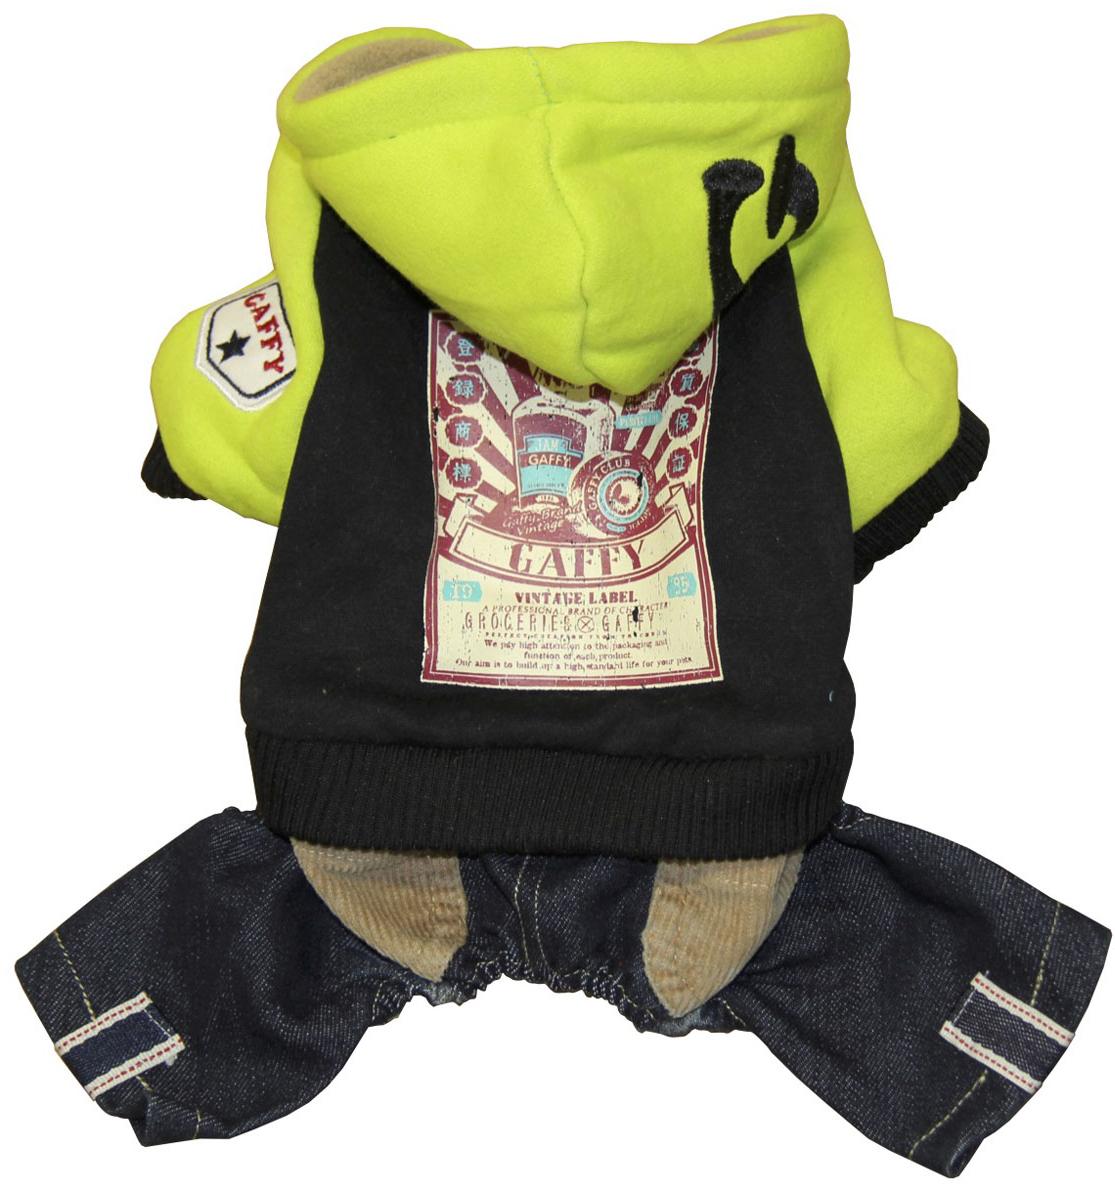 Костюм для собак Gaffy Pet Vintage Store, унисекс, цвет: салатовый, черный. Размер M костюм для собак gaffy pet baseball унисекс цвет оранжевый синий размер s